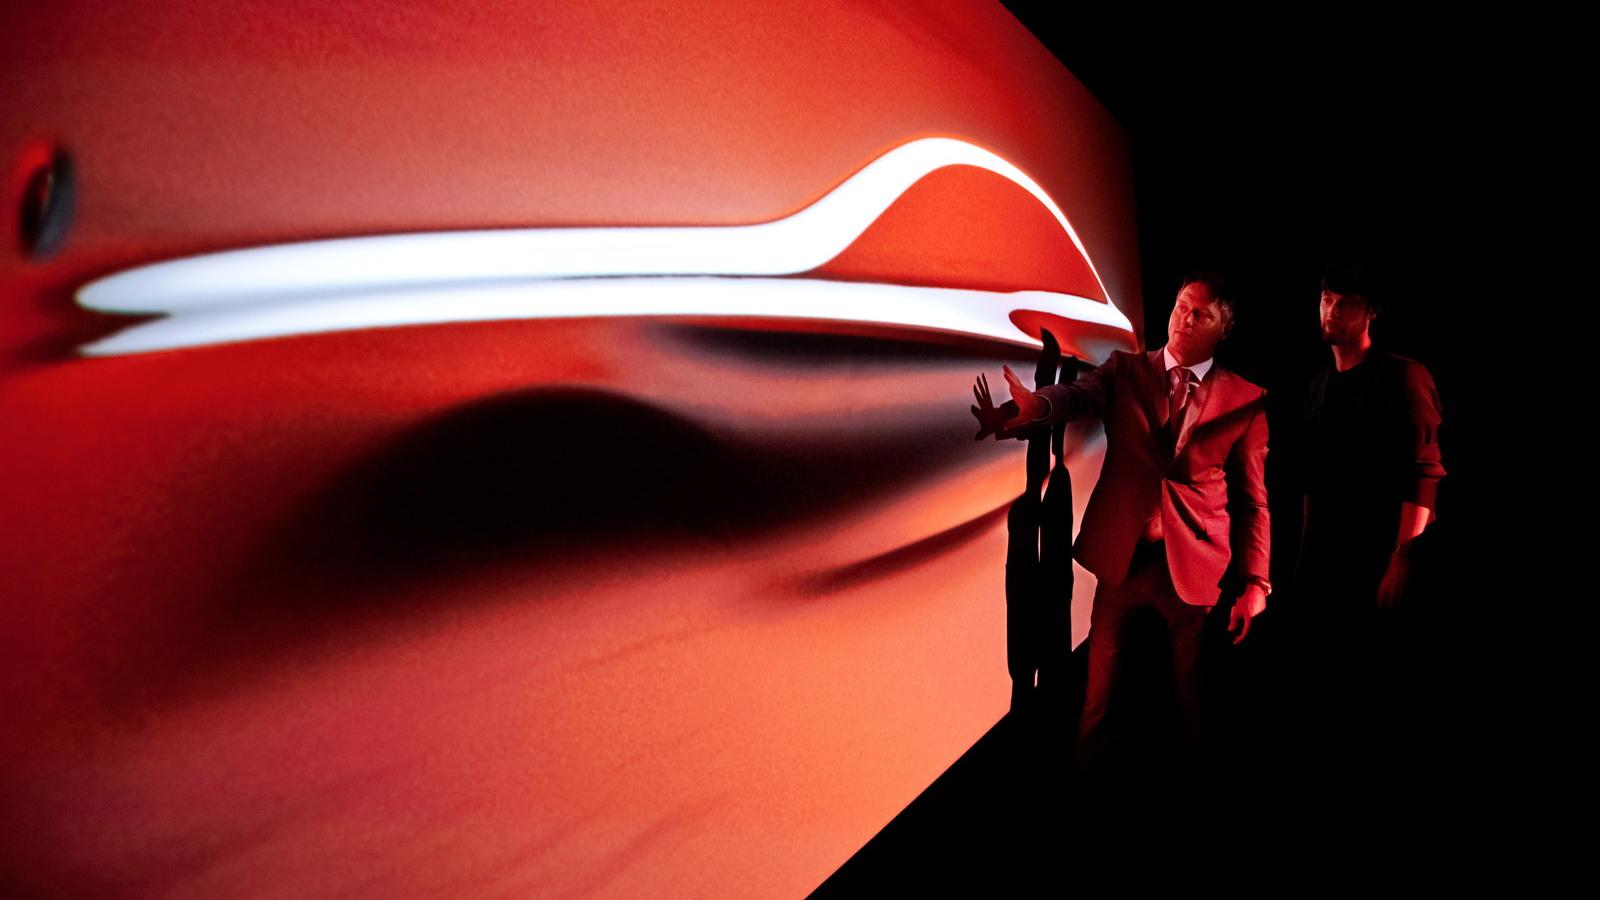 Mercedes-Benz 'Aesthetics S' sculpture previews new 2014 S Class